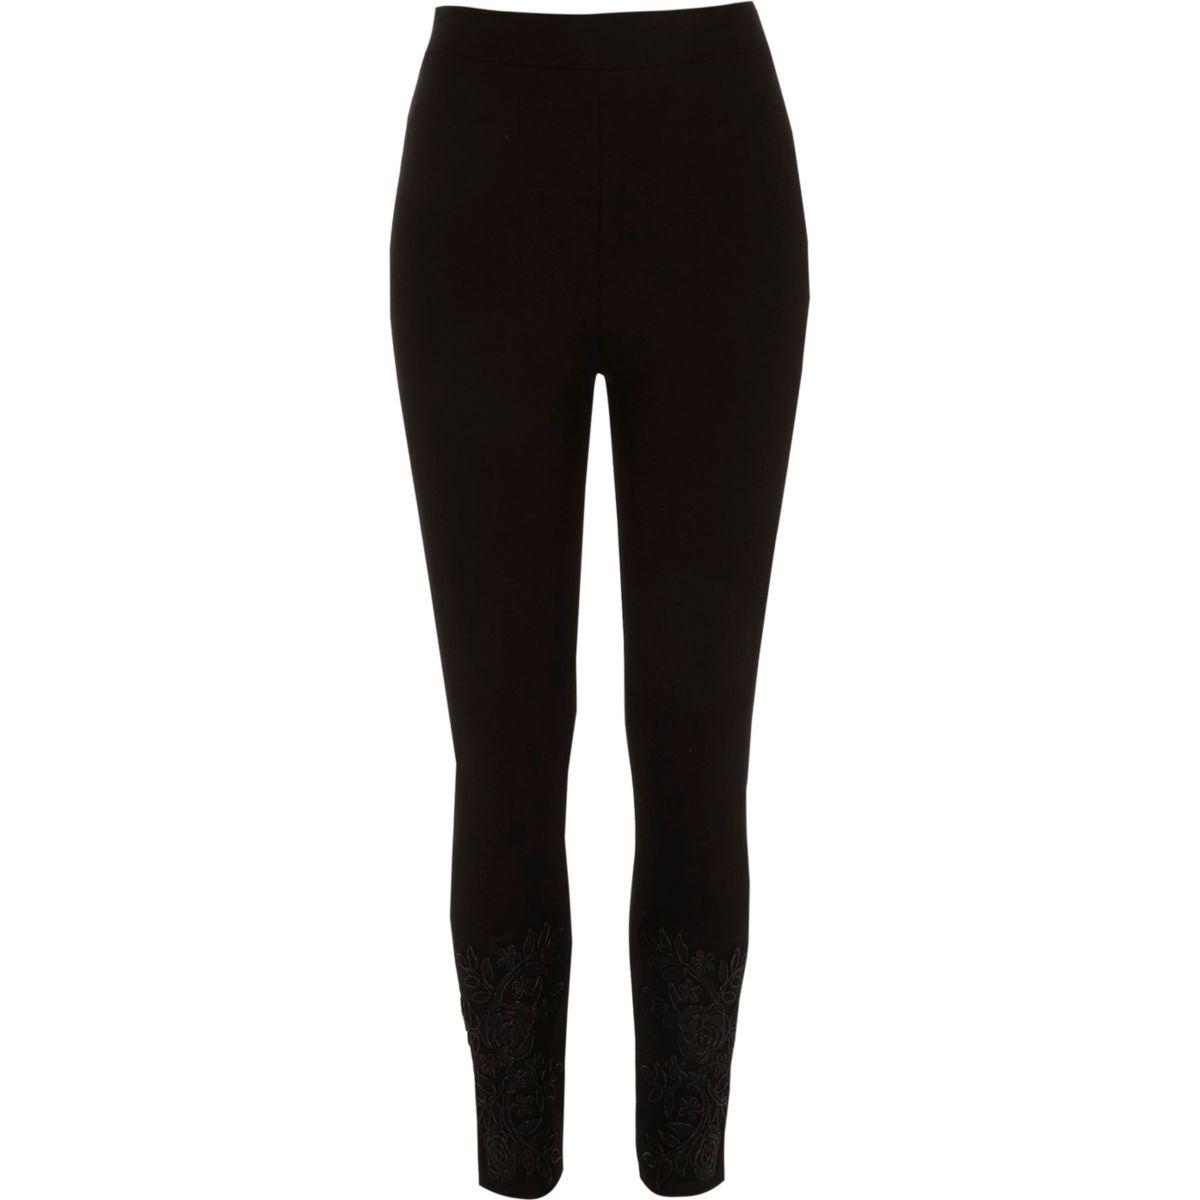 Zwarte verfraaide legging met kanten zoom